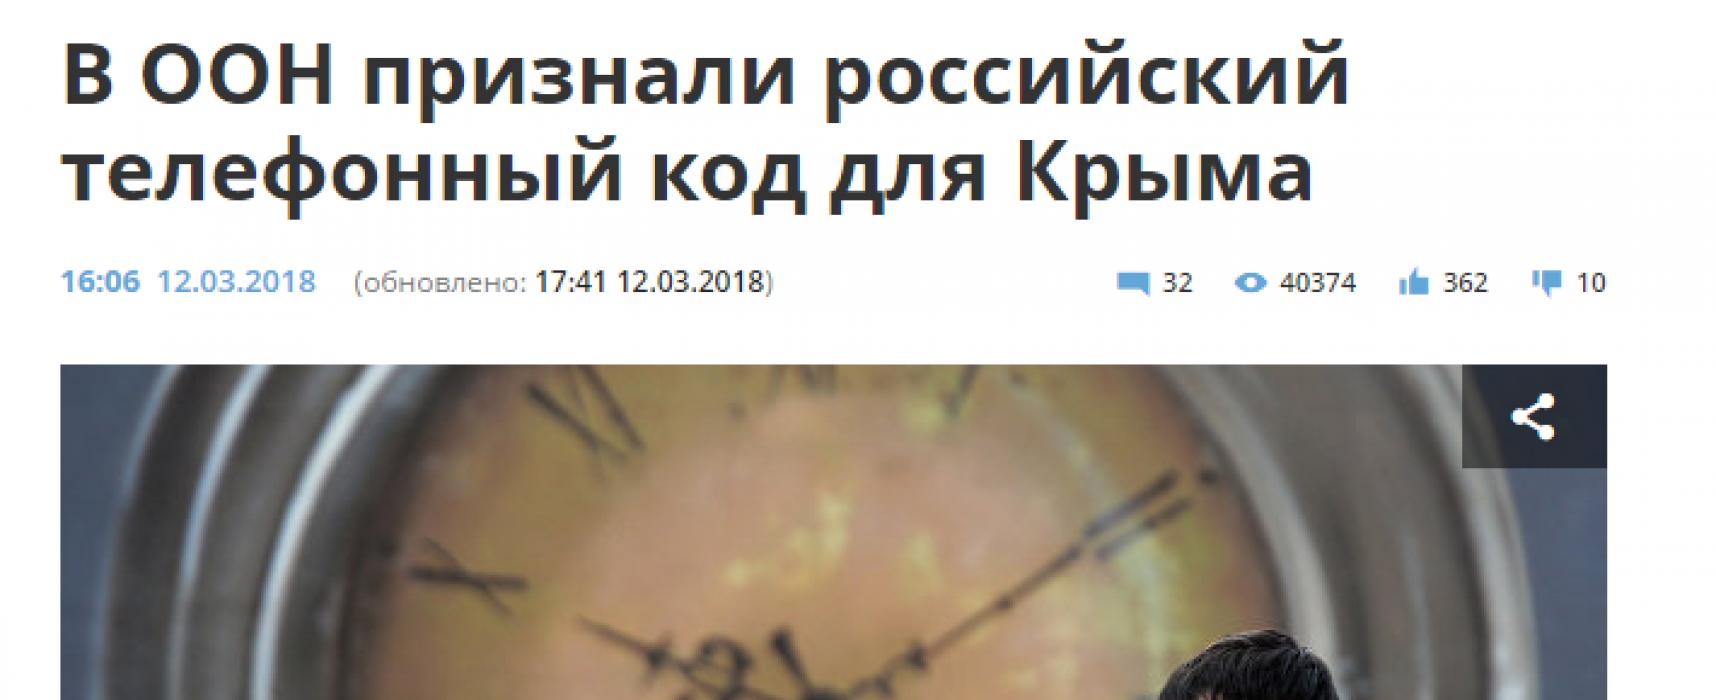 Fake: UN Recognizes Russian Telephone Code for Crimea